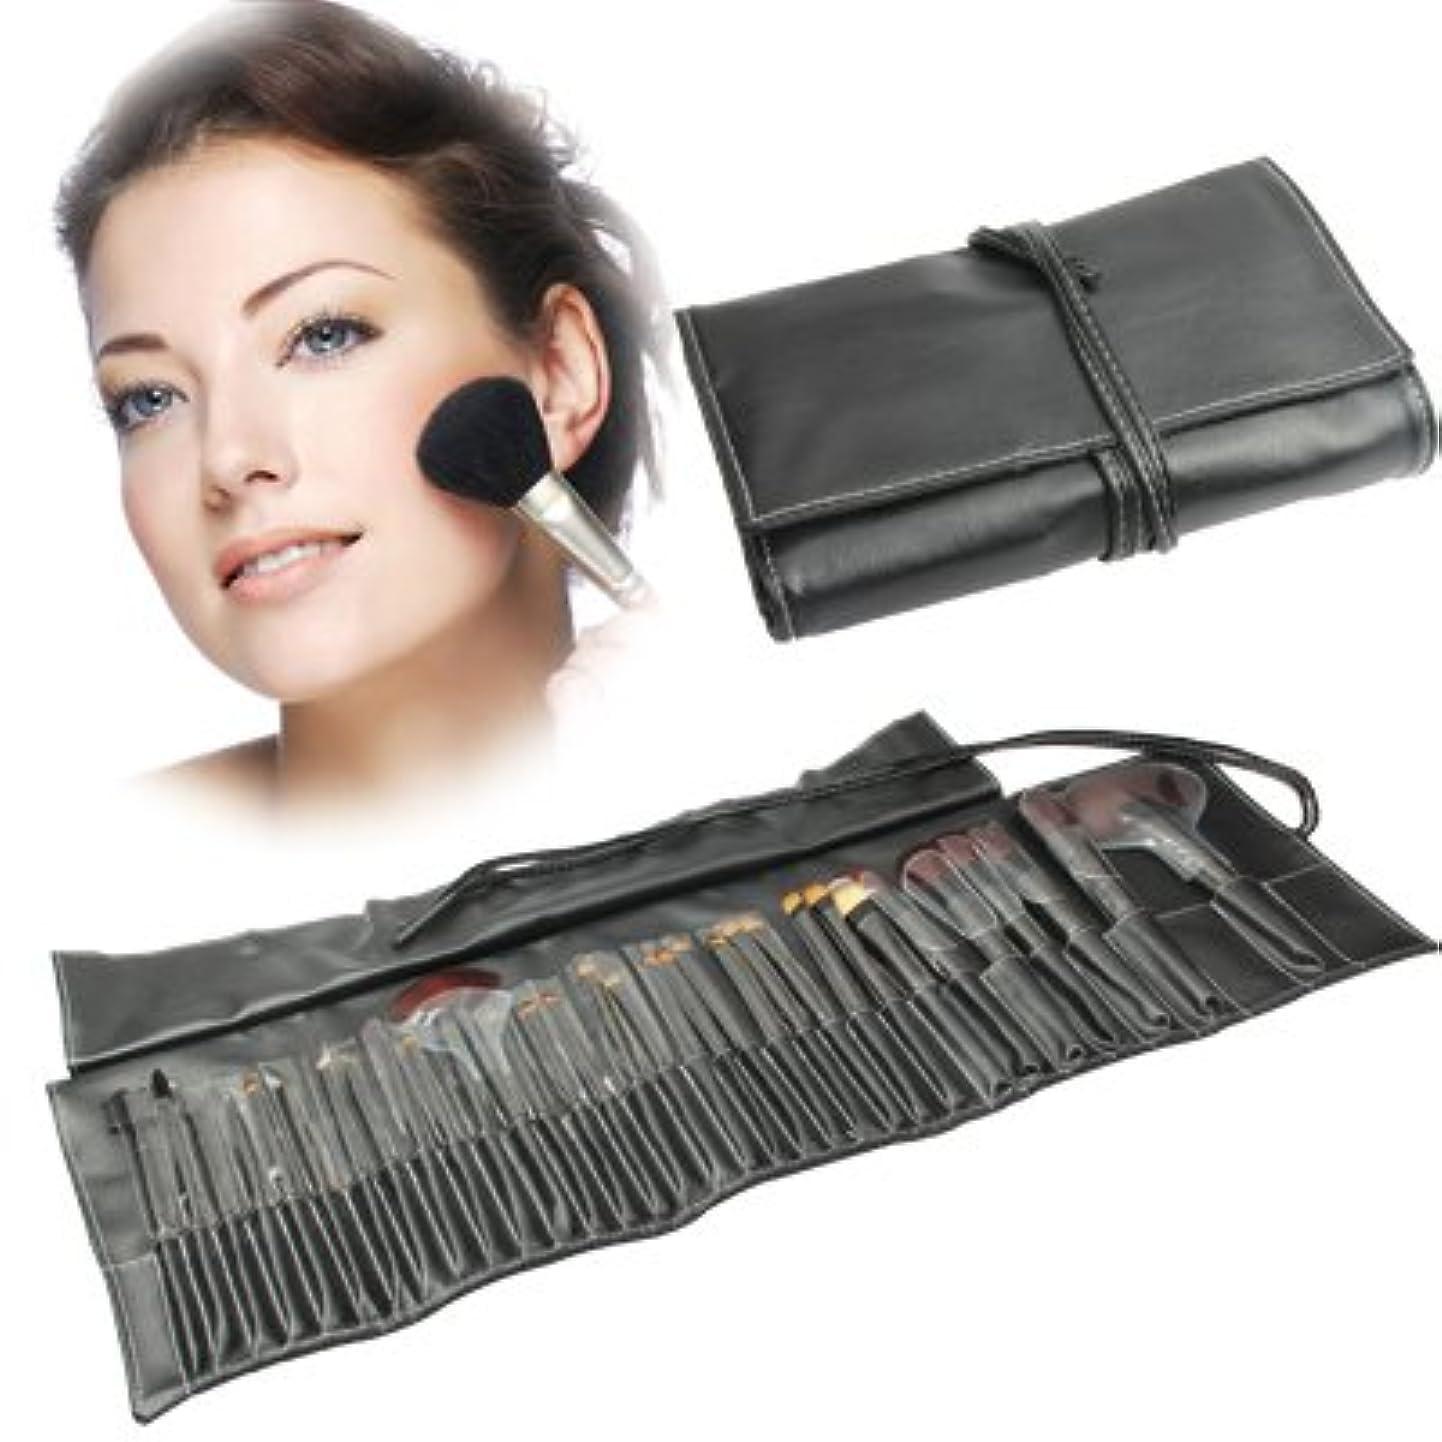 実際の気味の悪い改善するMEI1JIA QUELLIAプロフェッショナル32pcsメイクブラシセット美容キット化粧品+ PUレザーキャリングケース(ブラック)